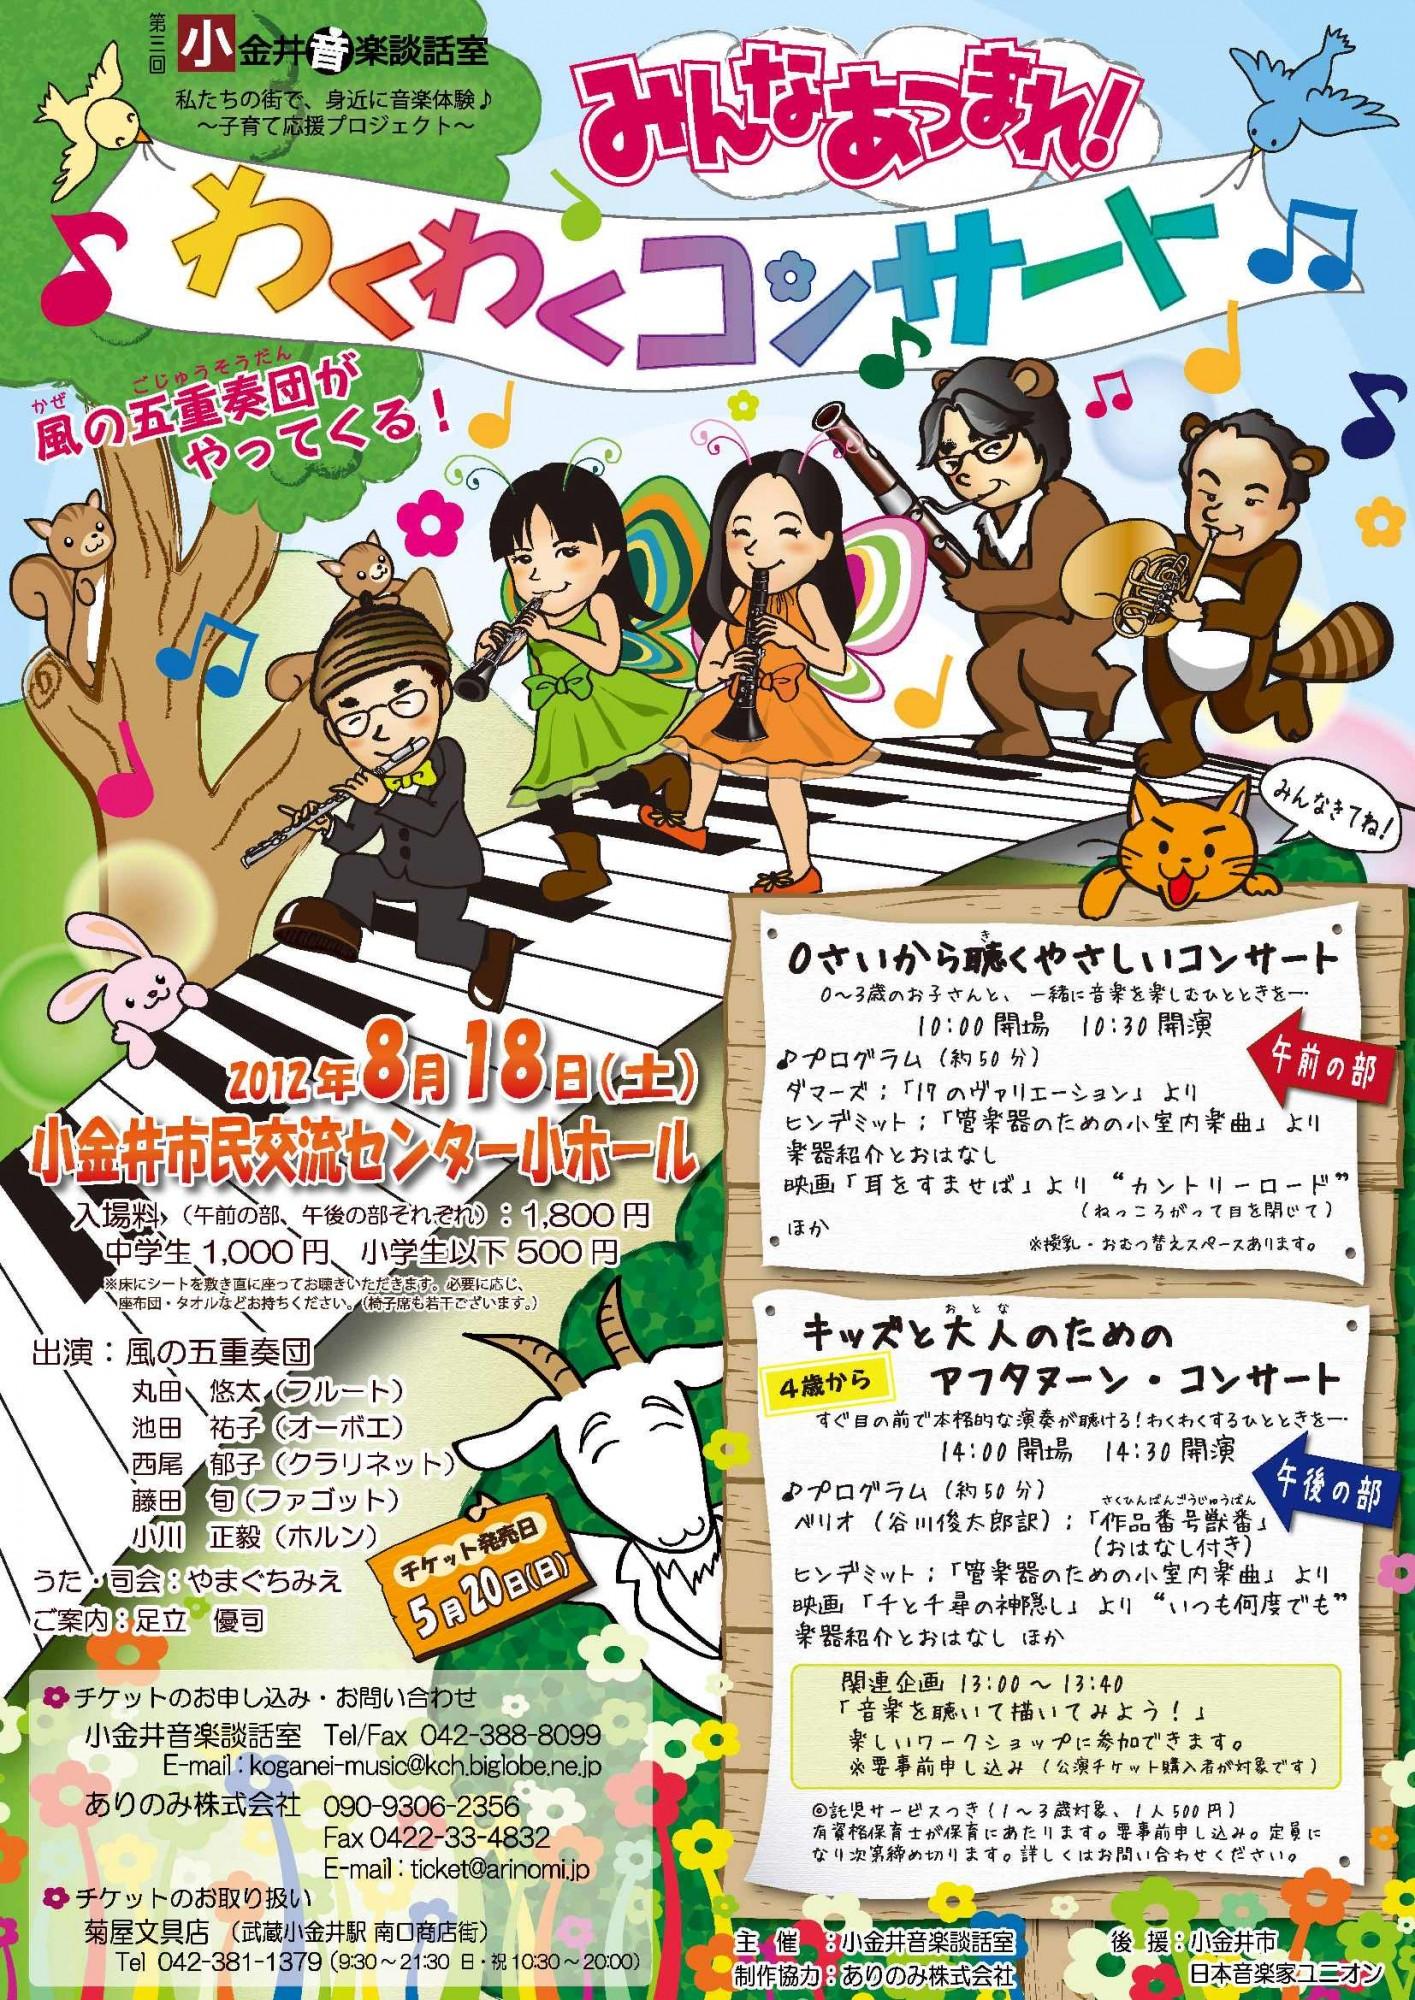 第3回小金井音楽談話室「みんなあつまれ!わくわくコンサート」